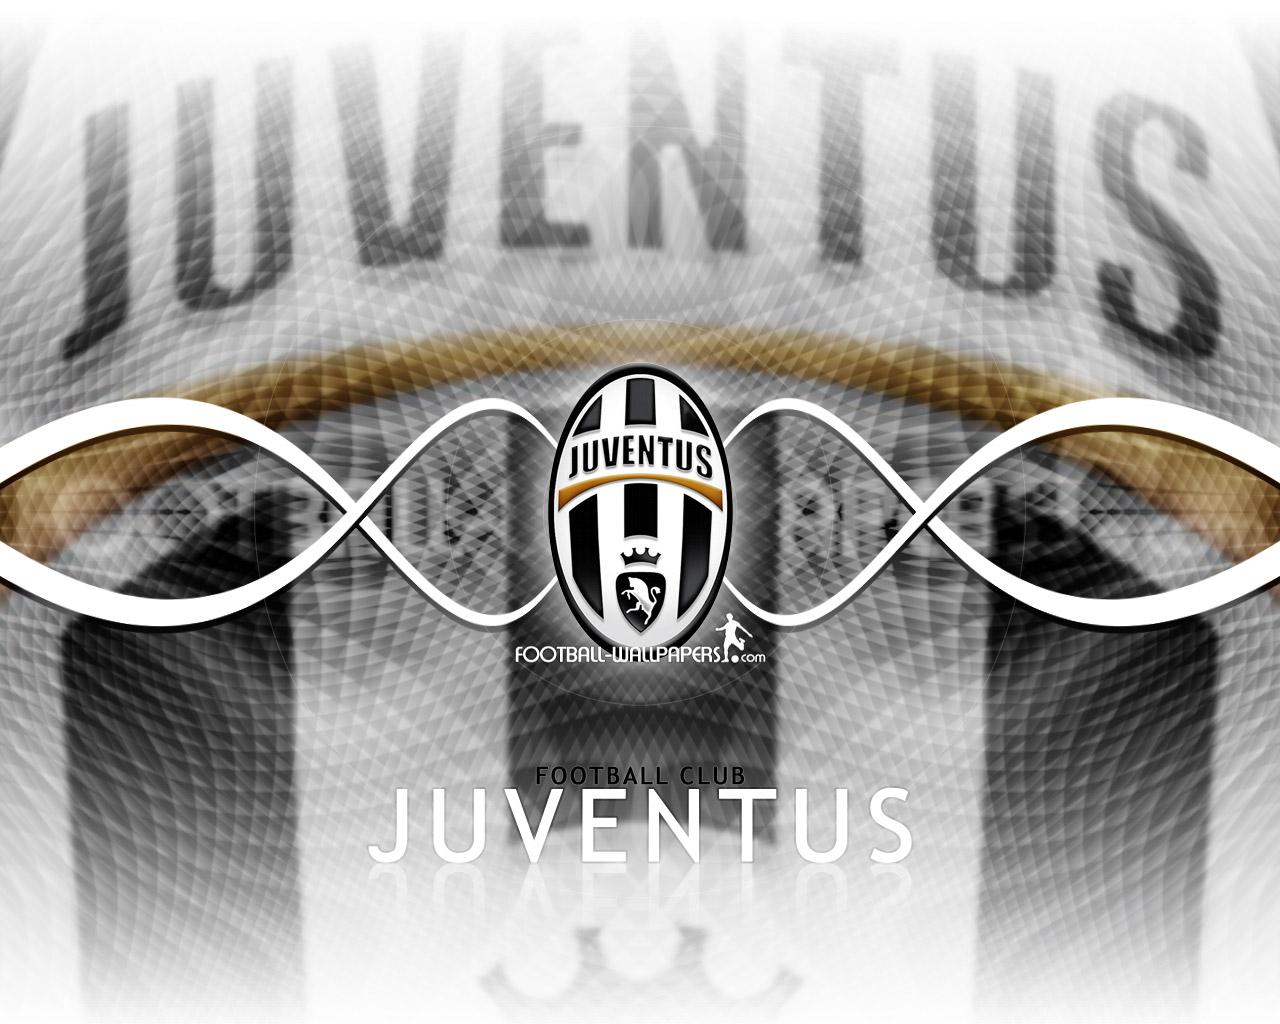 Logo della juventus immagini foto dello stemma della juve for Immagini juventus